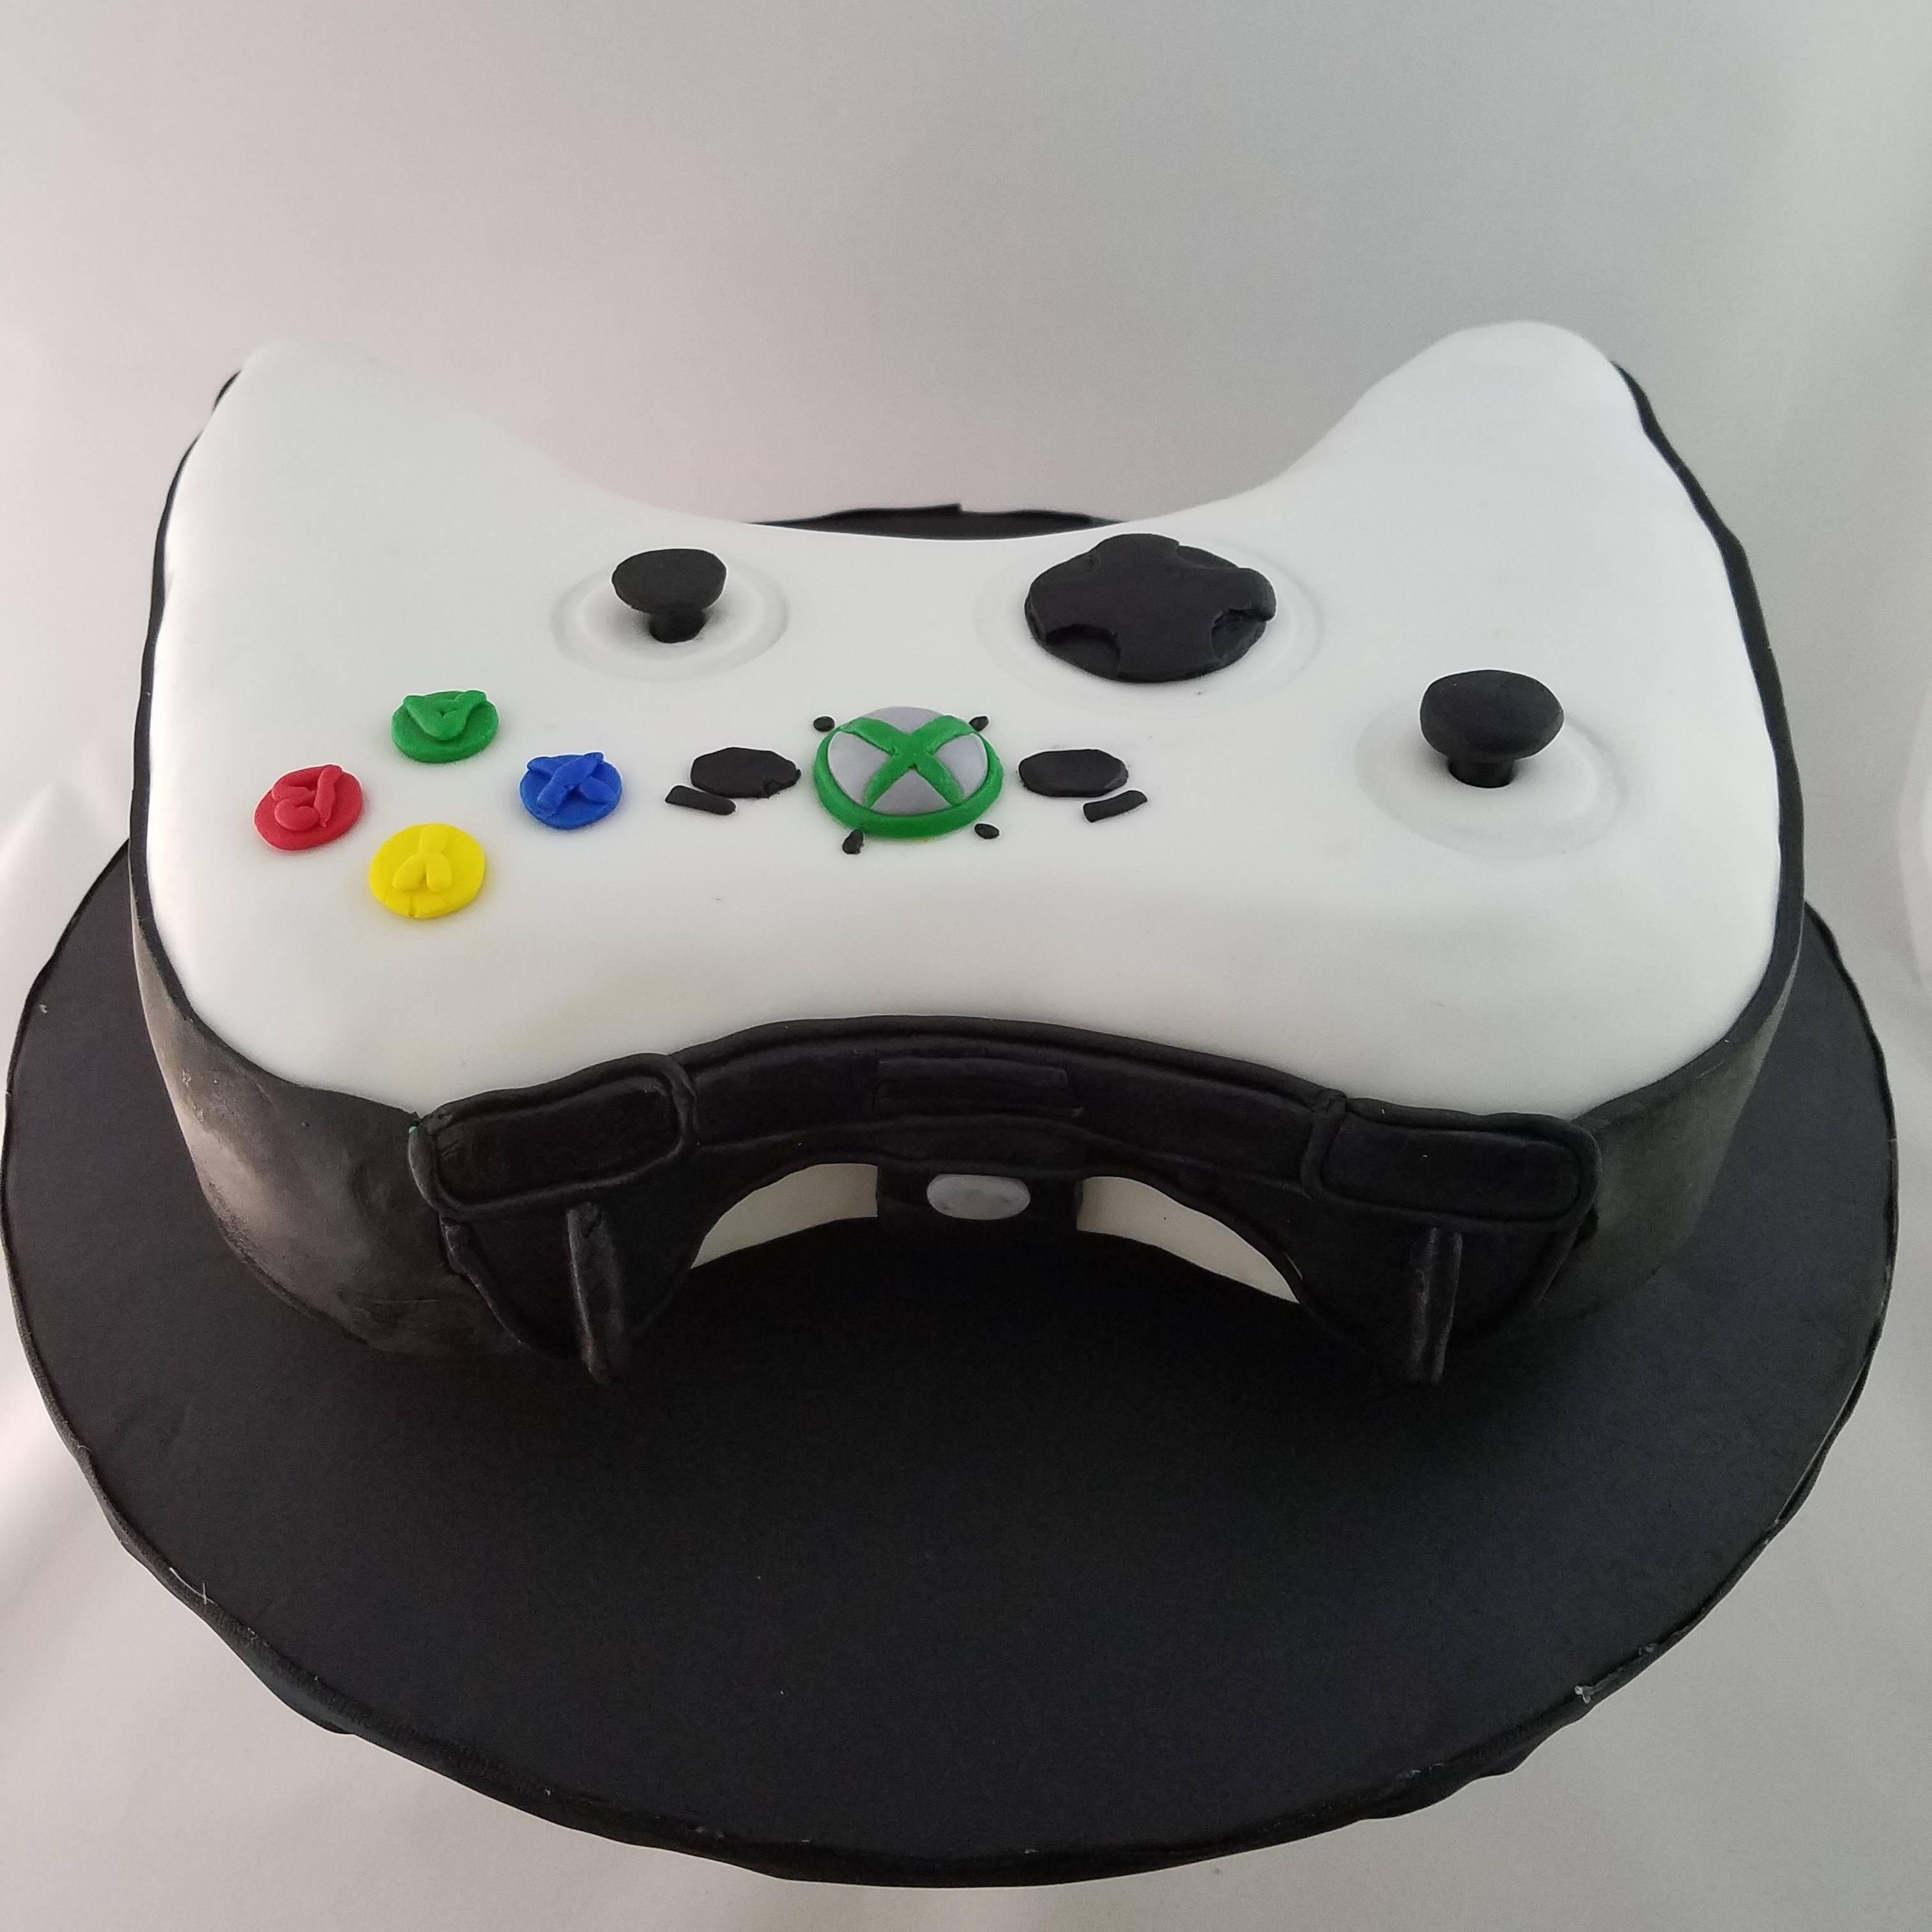 Gamer's cake